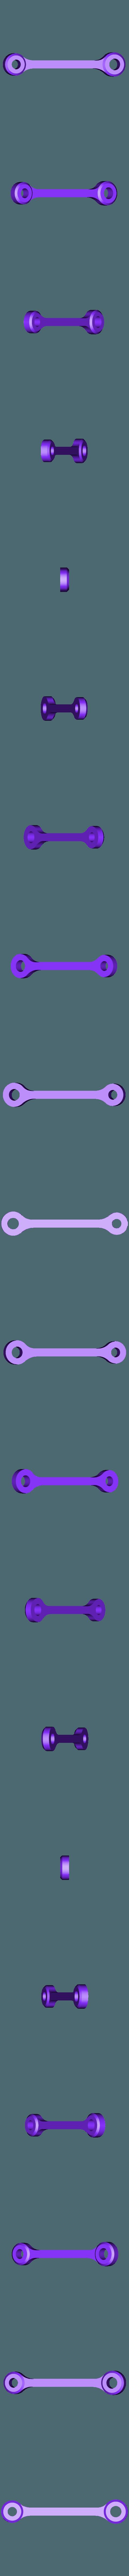 Main_Cylinder_Rod.stl Télécharger fichier STL gratuit Vapemobile : Voiture jouet pneumatique • Modèle pour imprimante 3D, Slava_Z